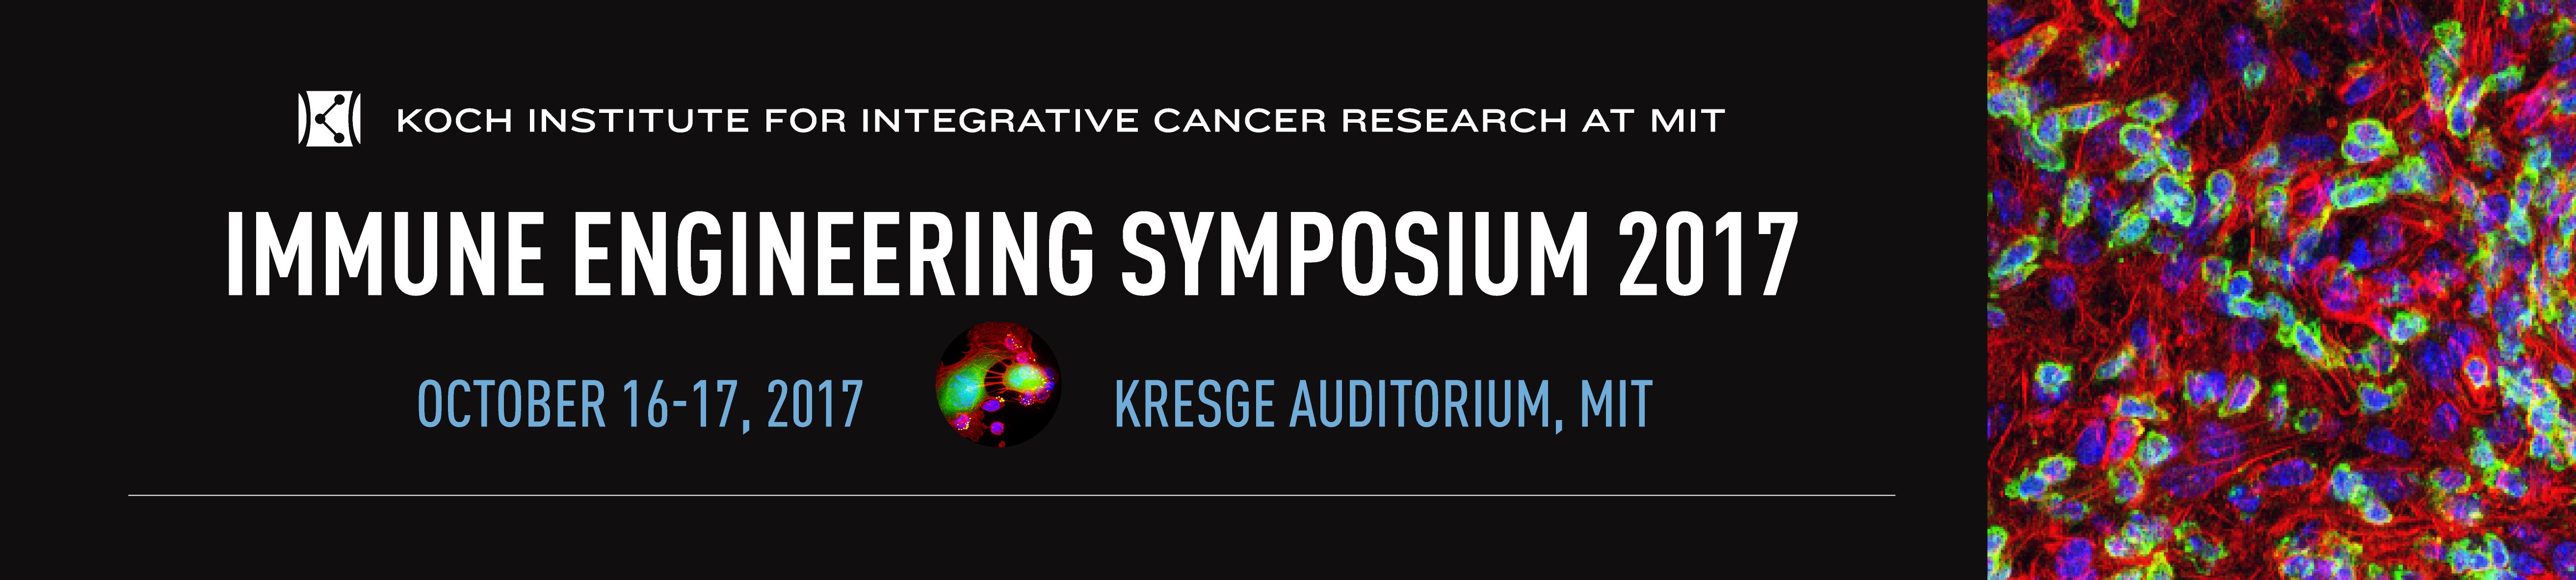 Koch Institute Immune Engineering Symposium 2017